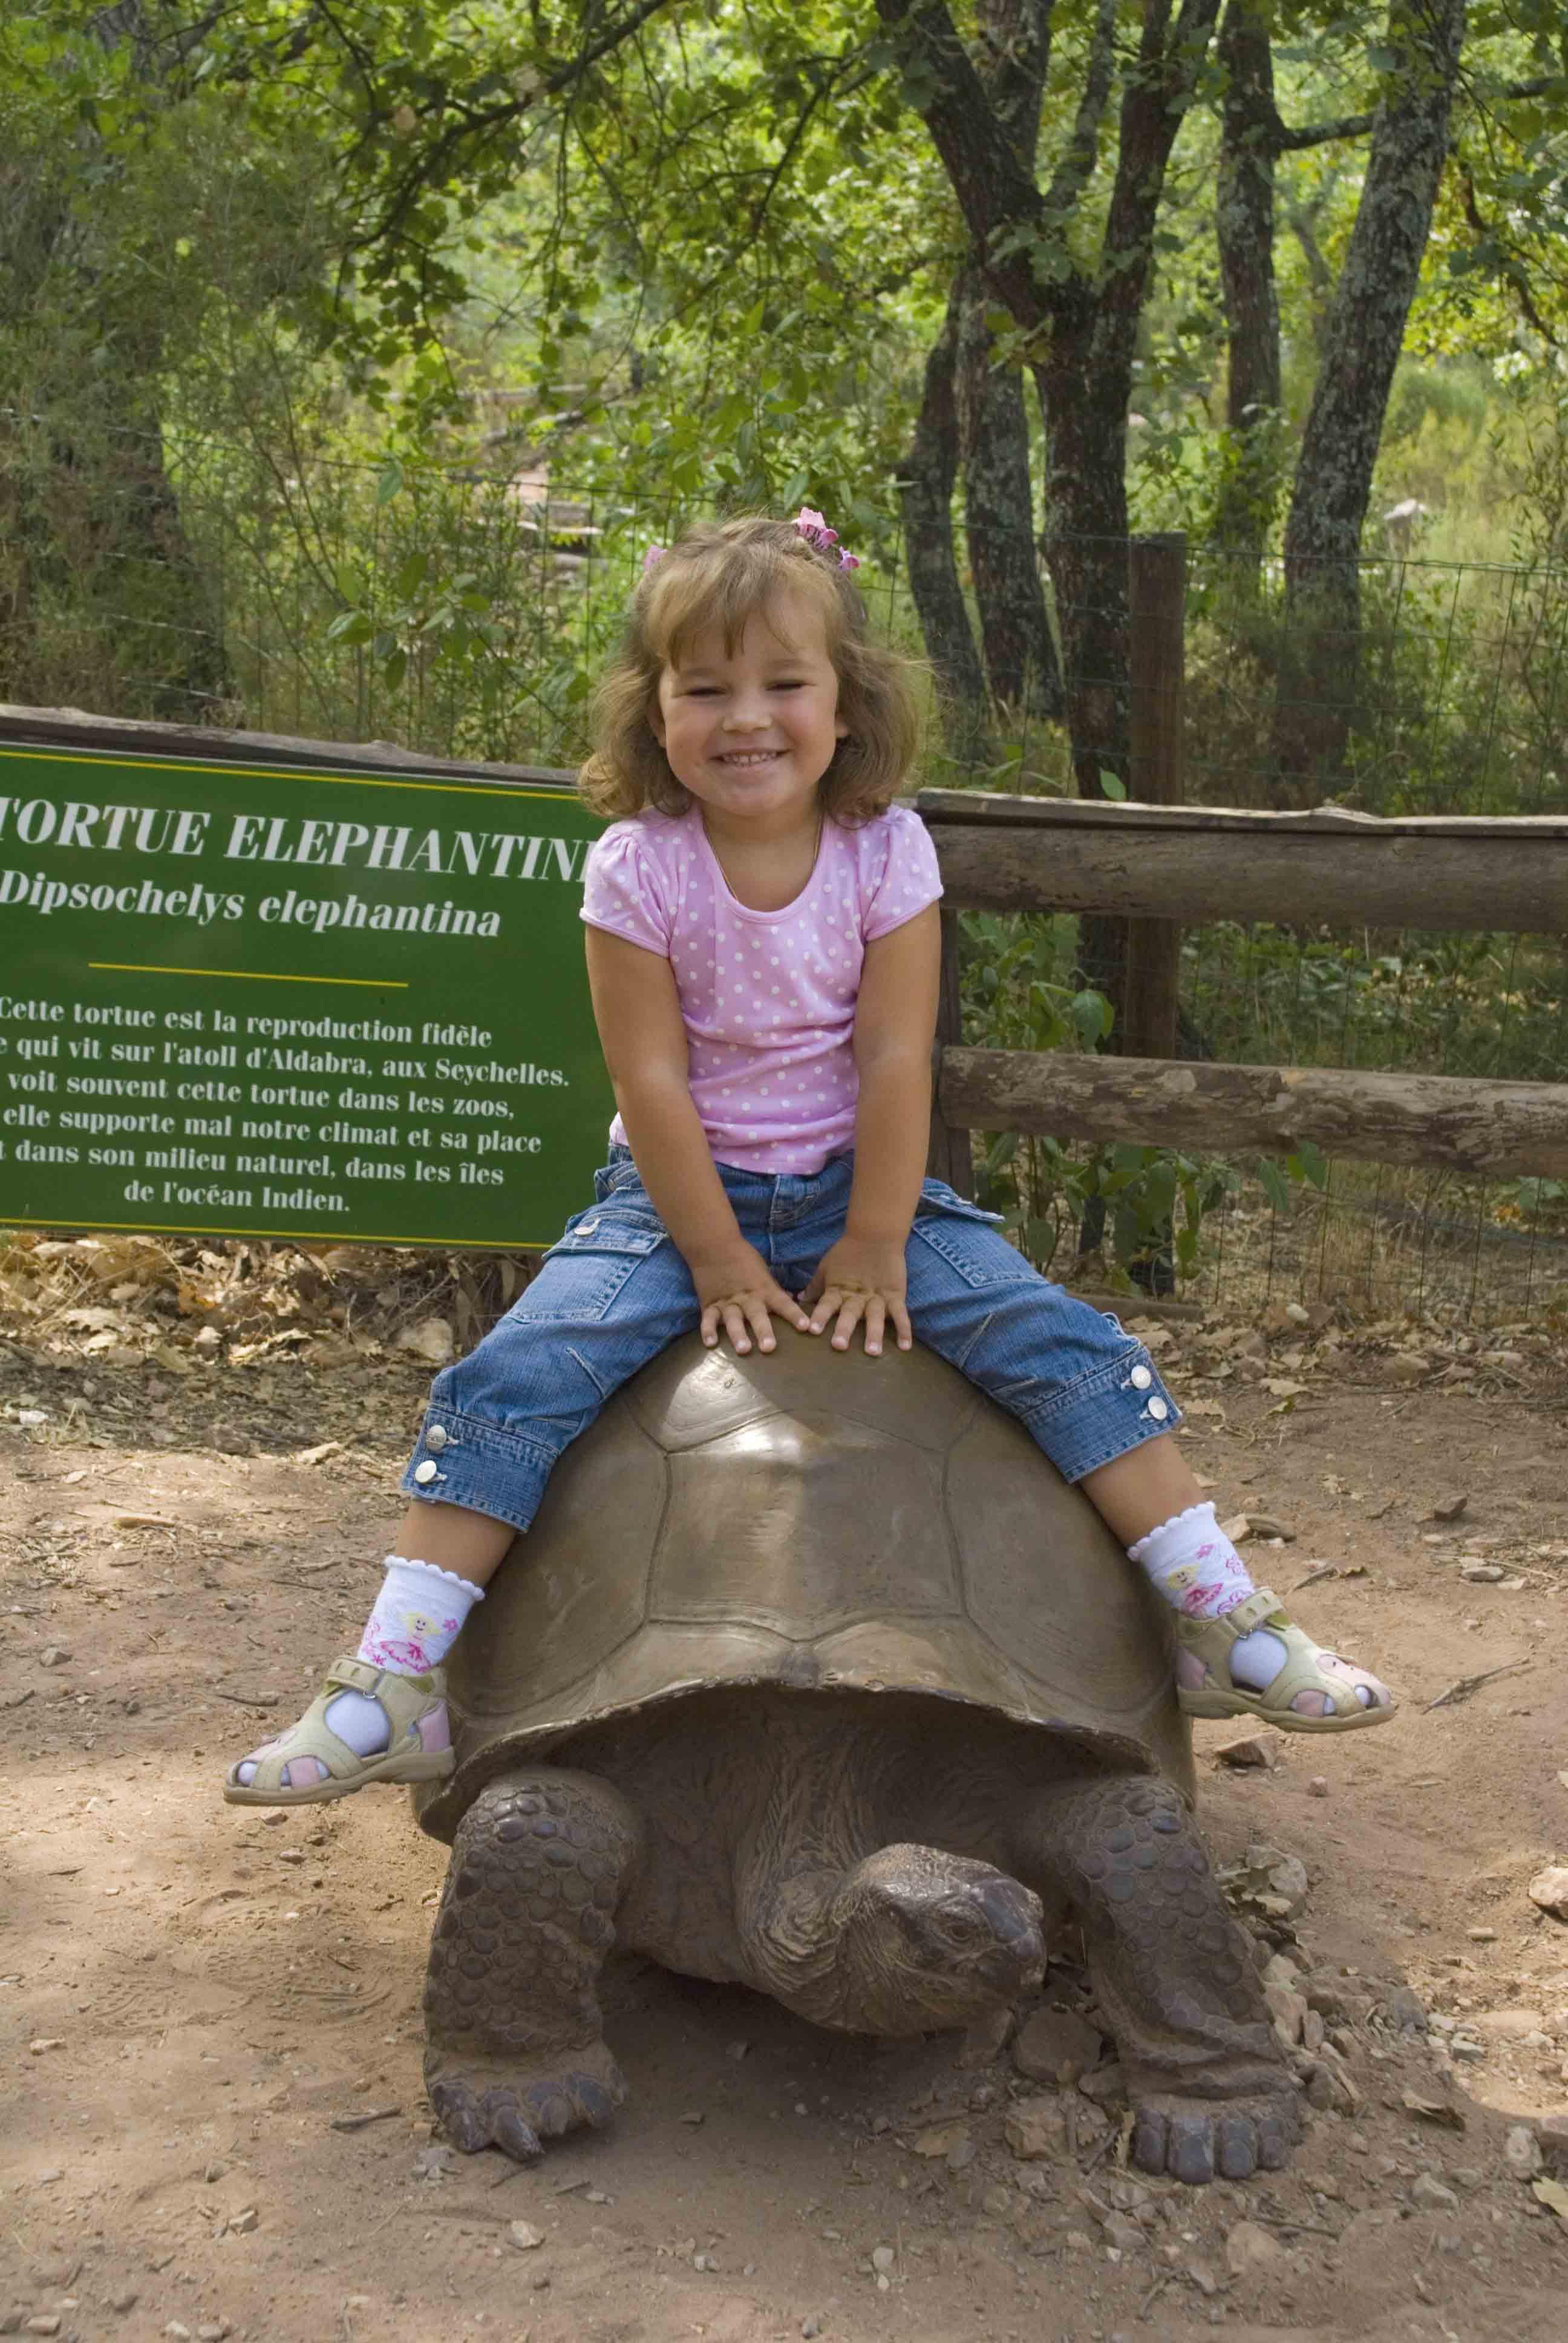 А теперь покатай меня, большая черепаха!!. Юные путешественники